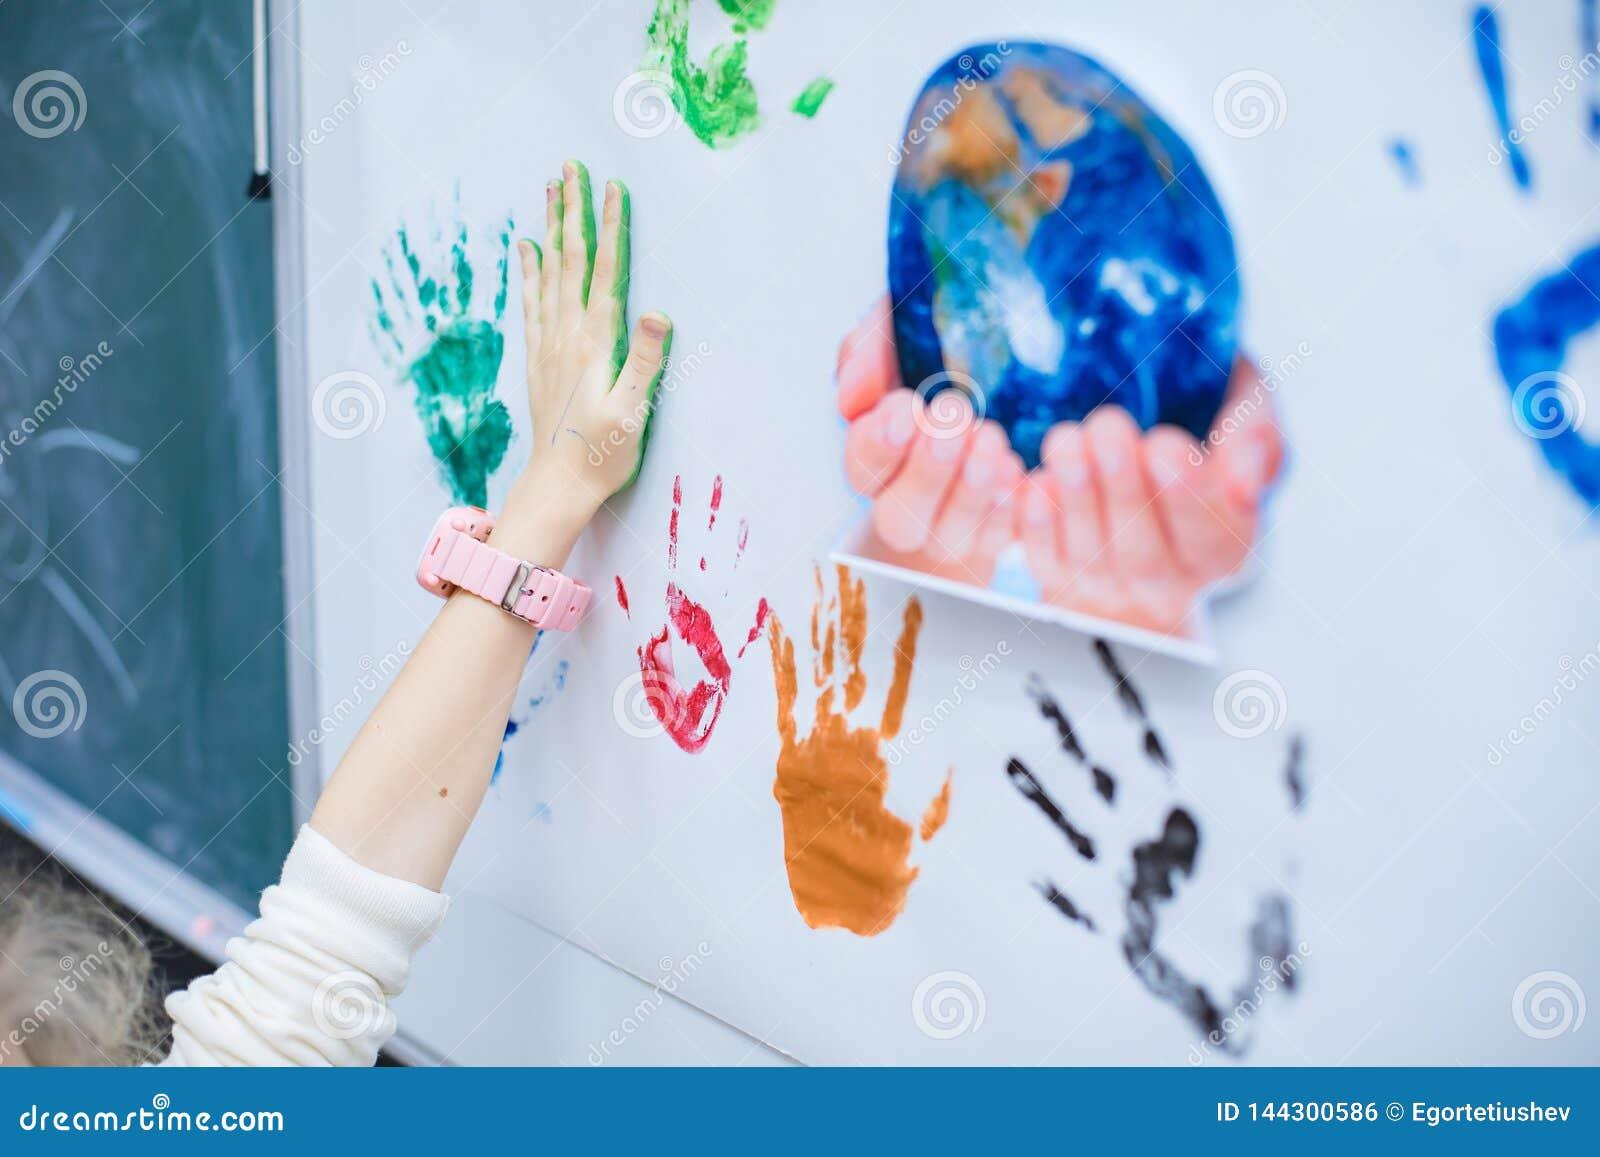 Το χέρι κάνει μια τυπωμένη ύλη στον πίνακα